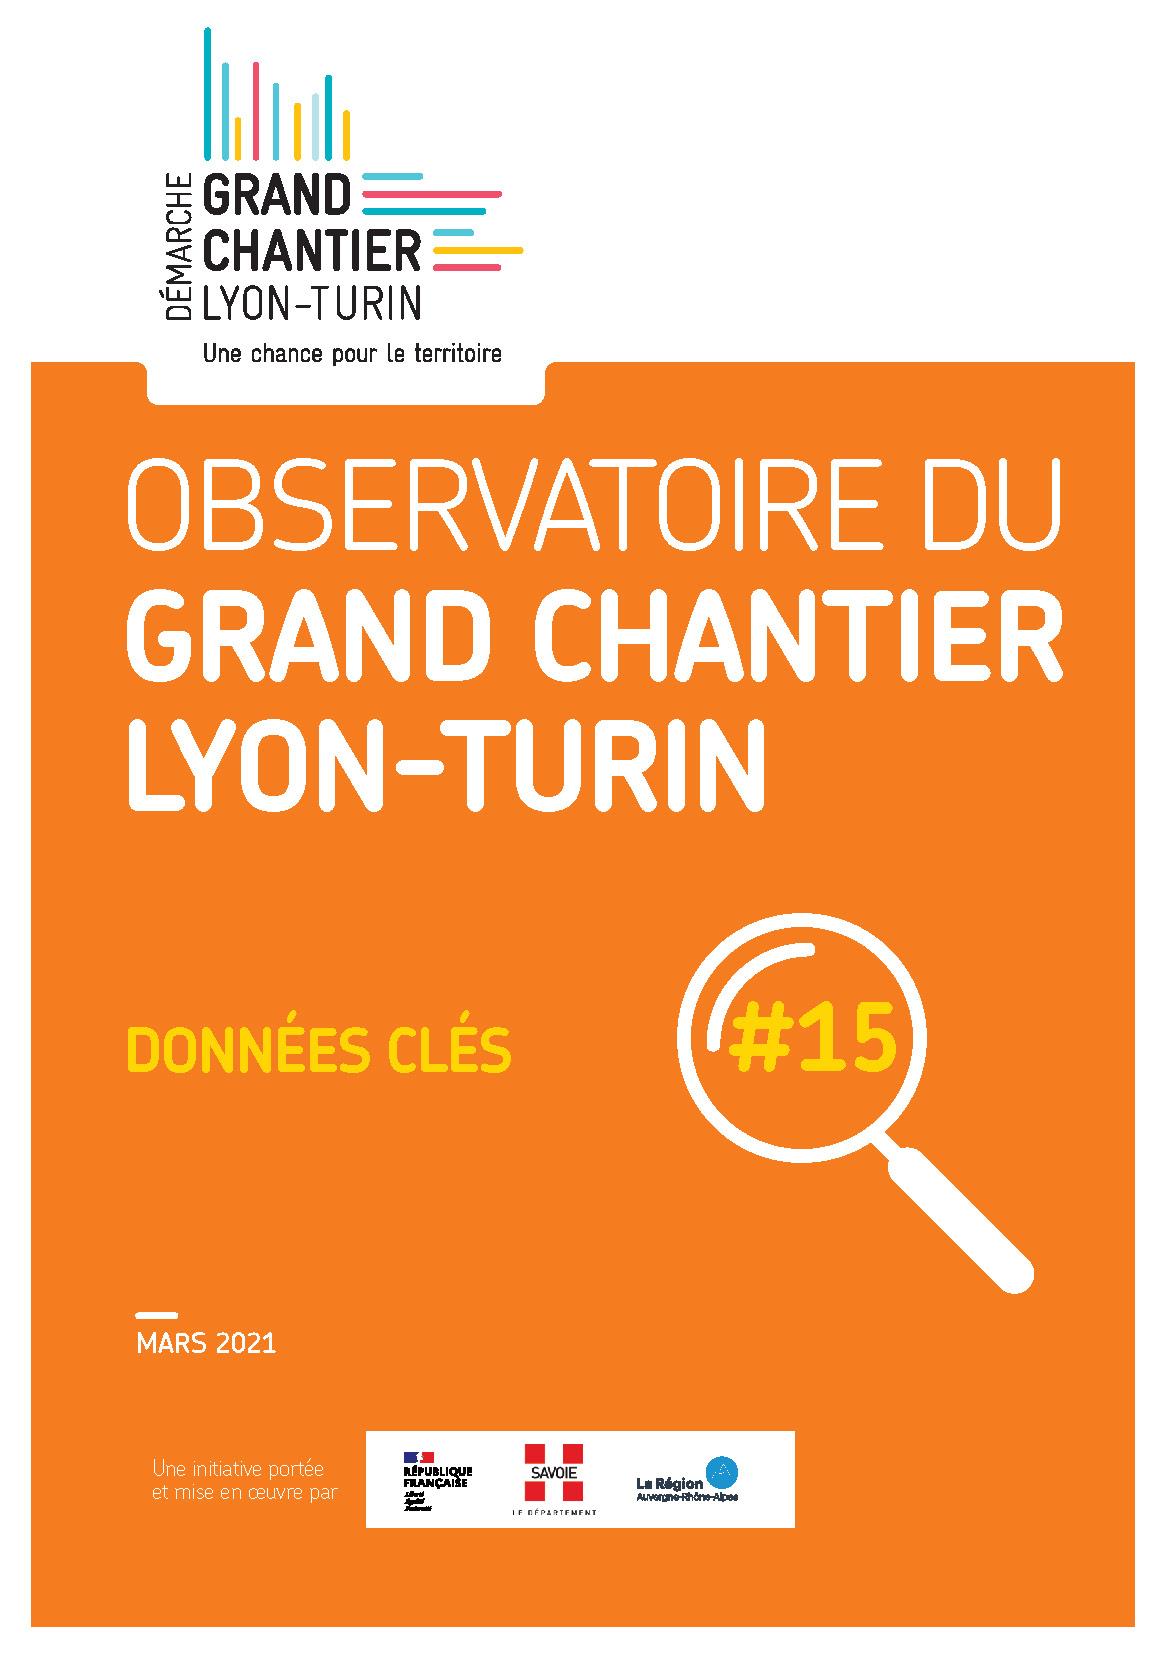 Pages de OBS-DGC-LyonTurin-DonneesCles n°15-03 2021